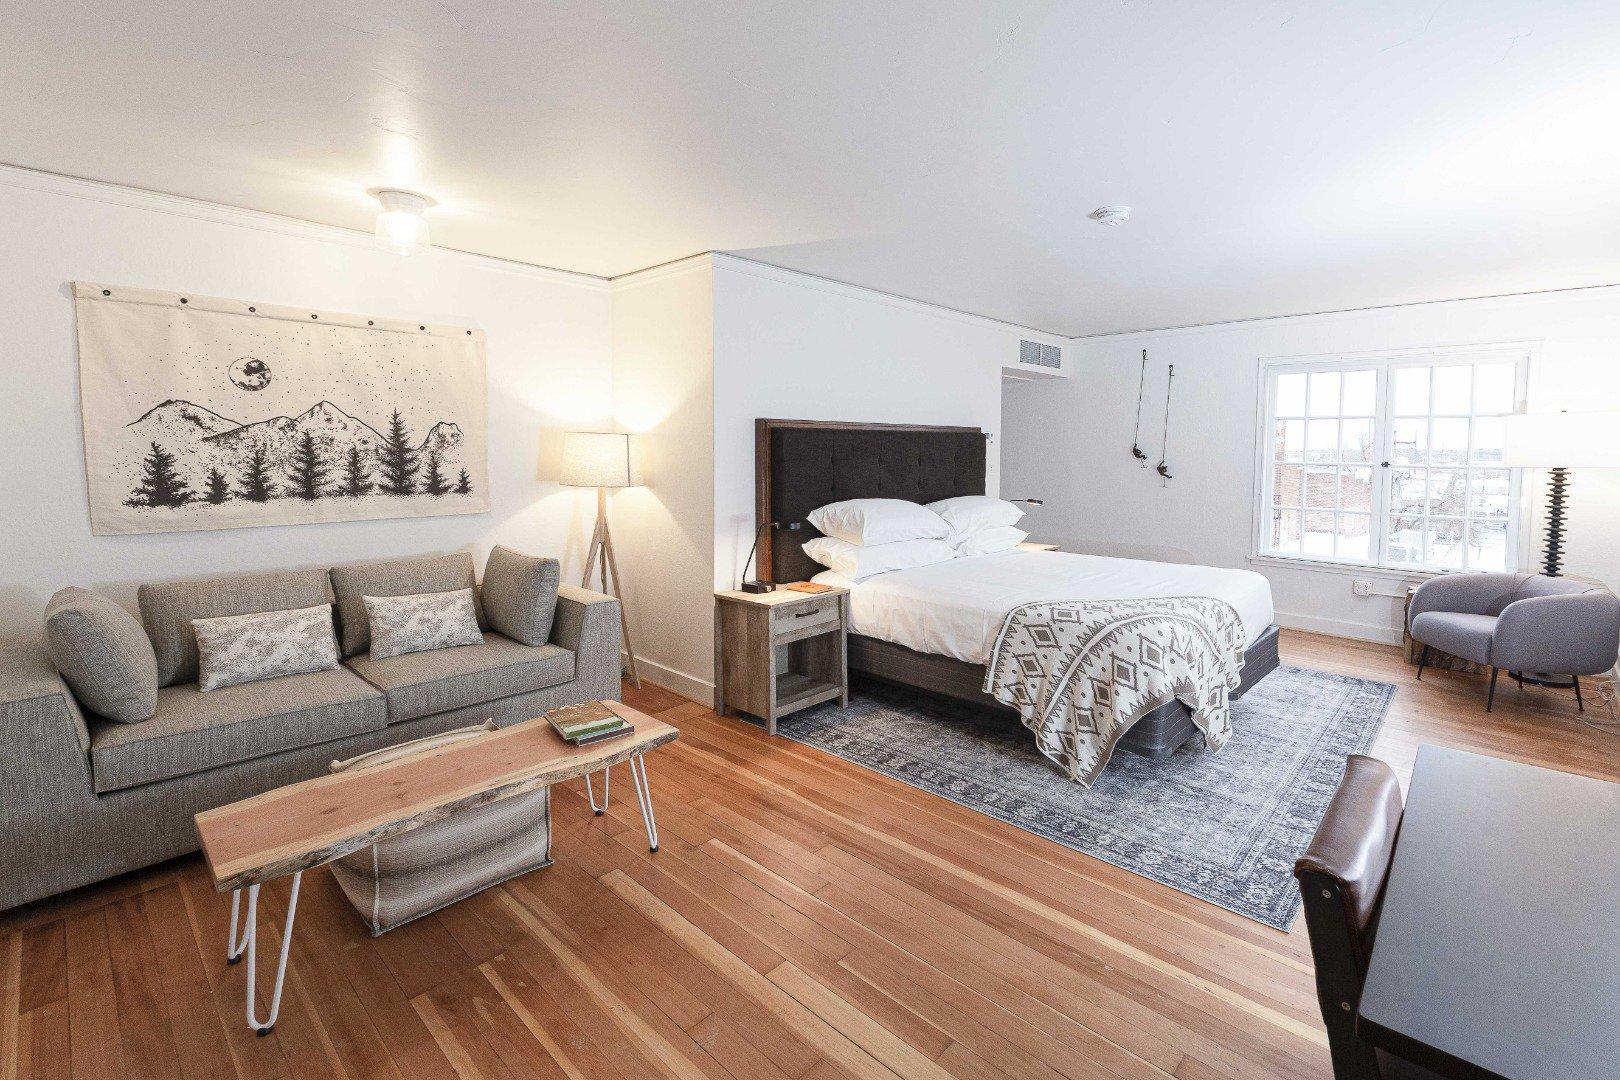 SCP Redmond Hotel Bedroom With calming colors